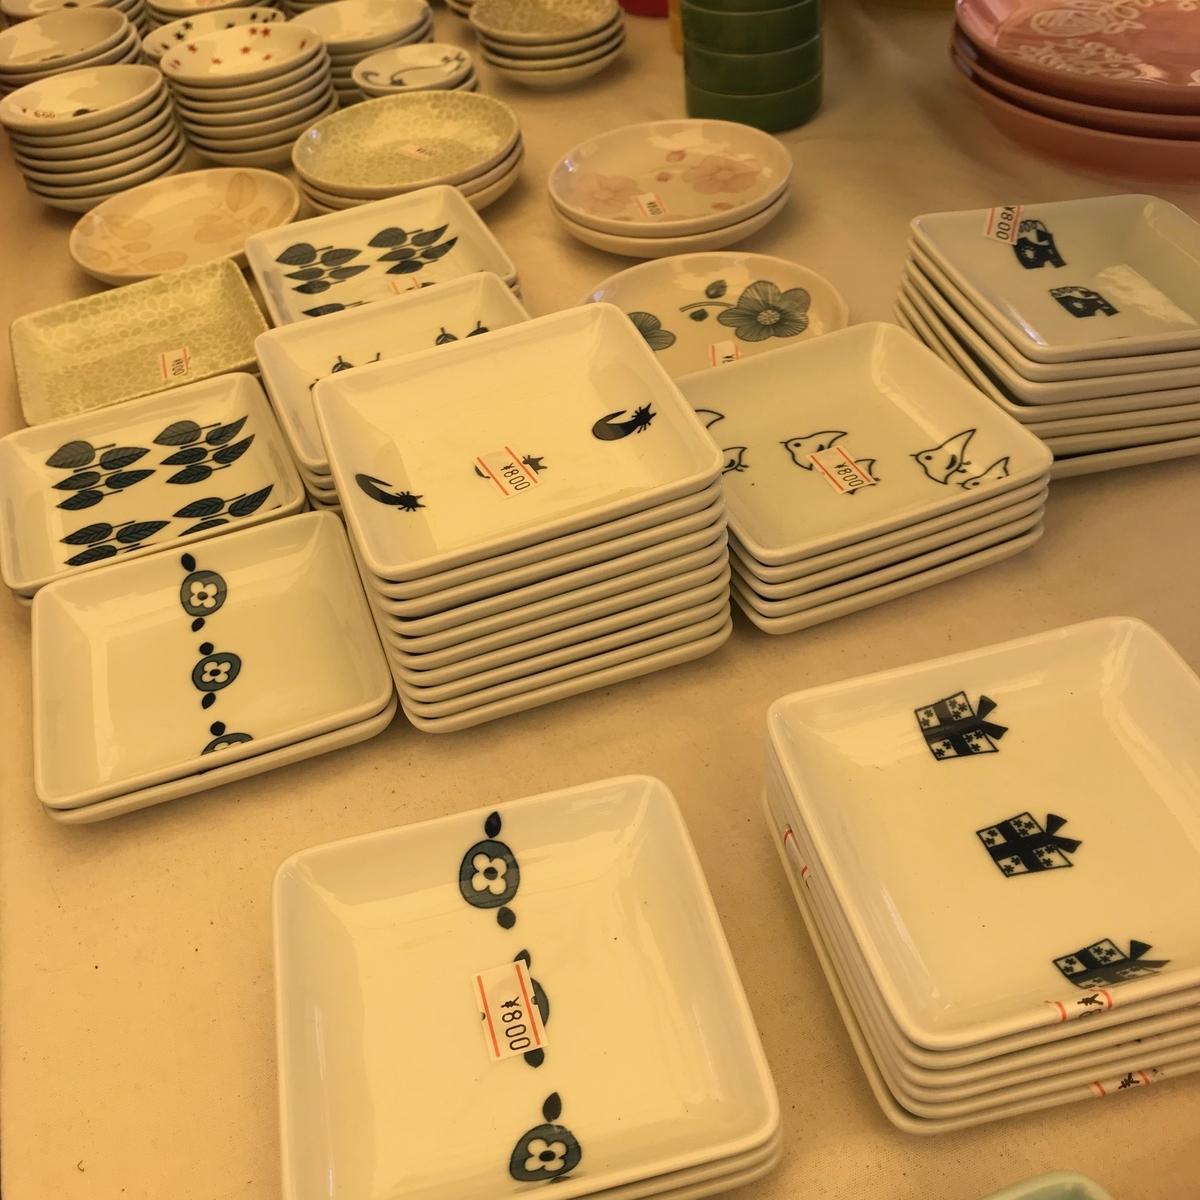 前回(2018年・第60回) の波佐見陶器まつりの様子